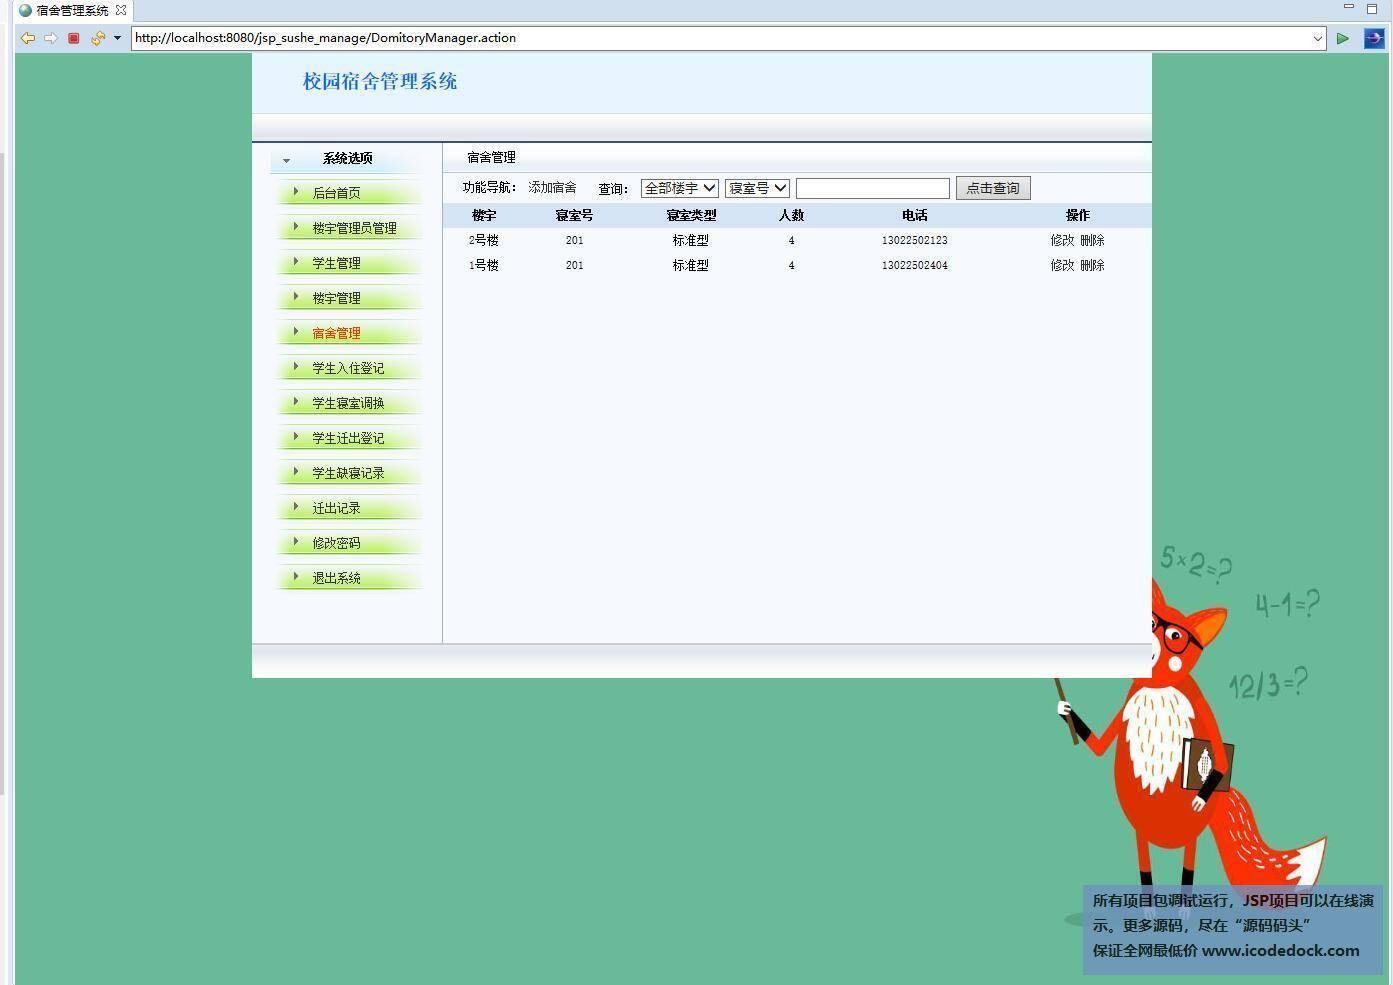 源码码头-JSP学校宿舍管理系统-系统管理员角色-宿舍管理